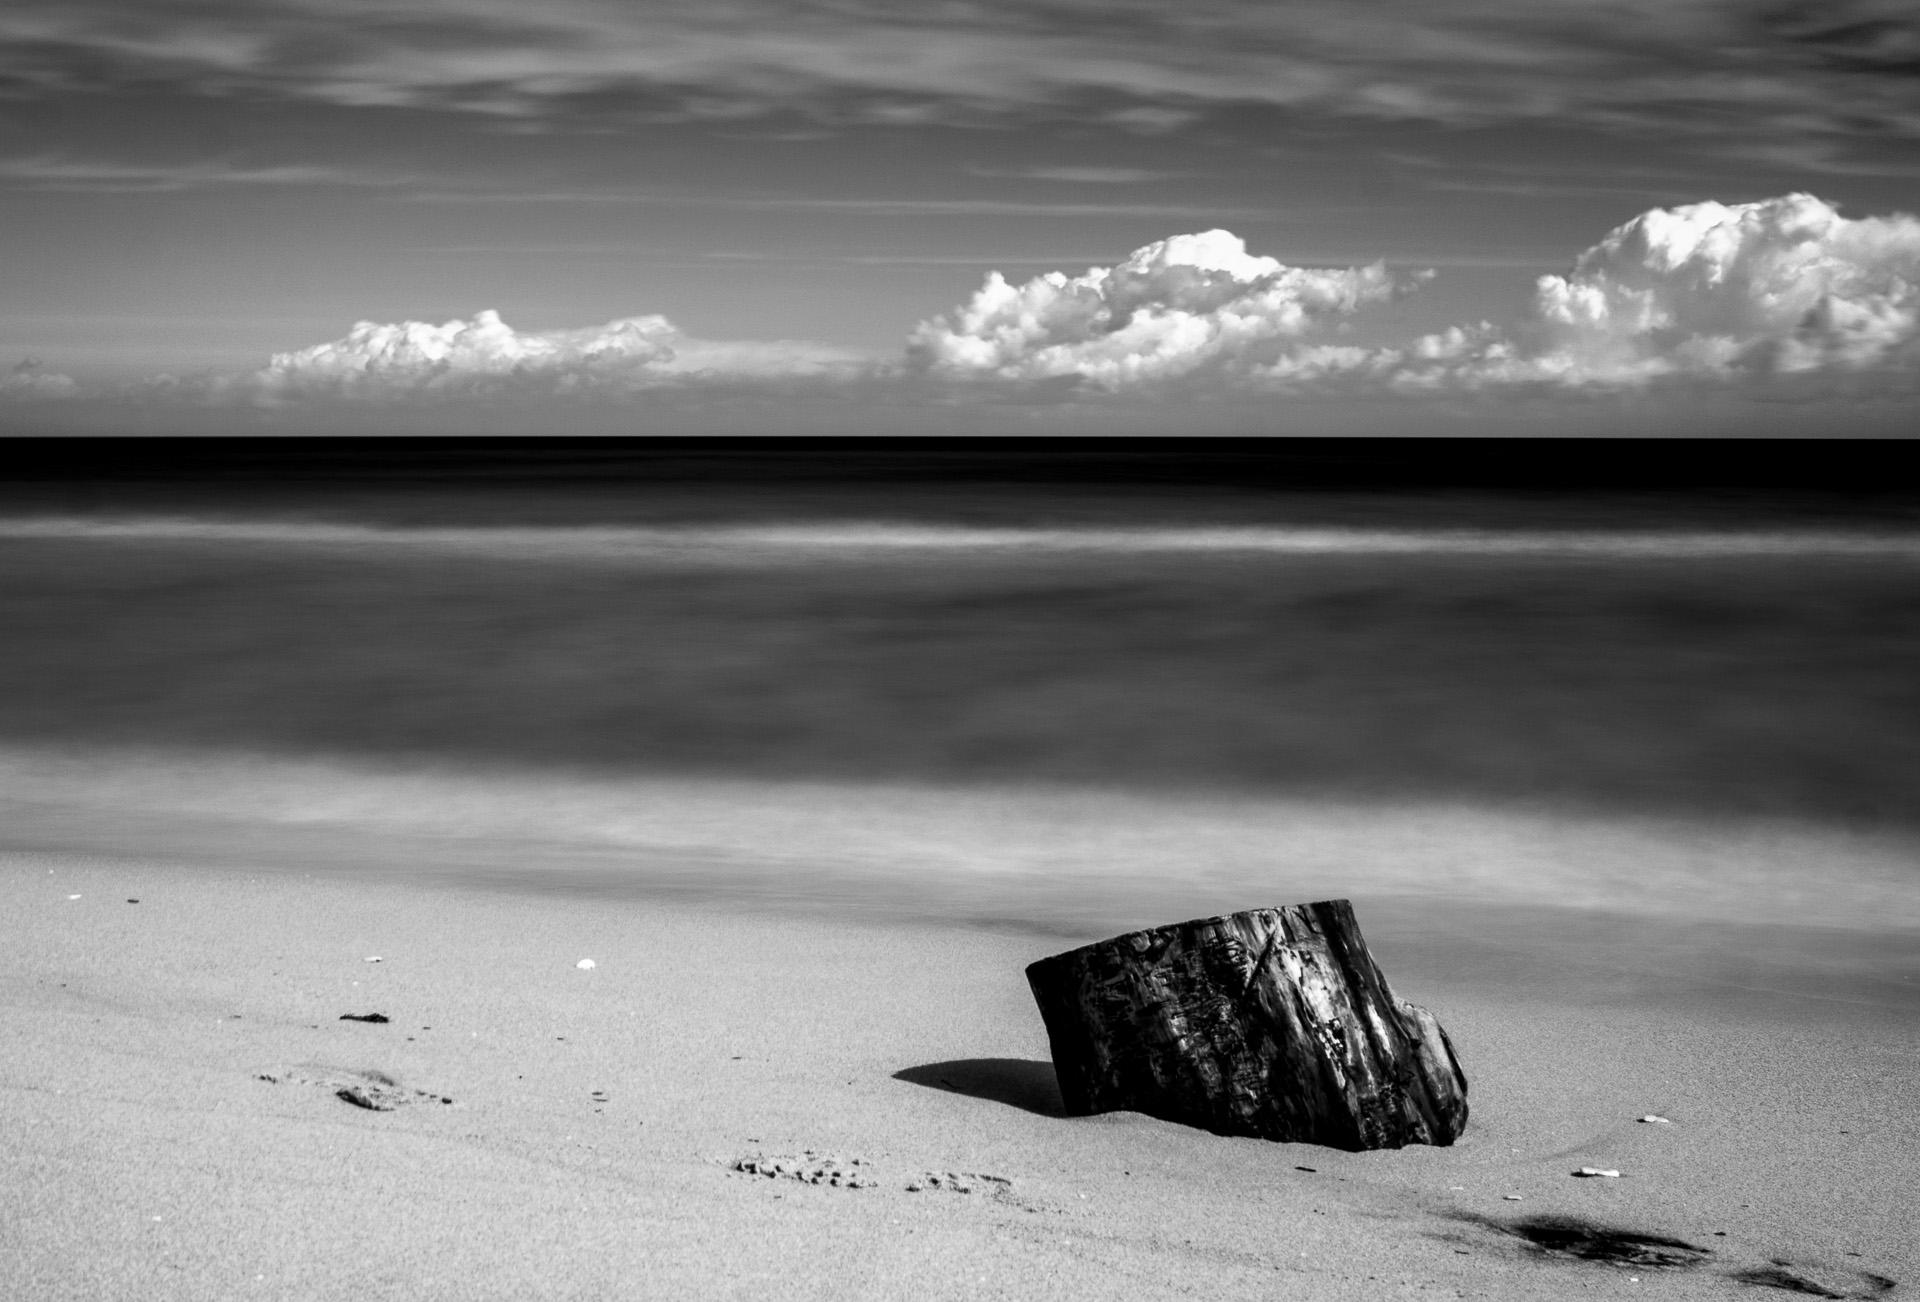 Tronco sulla spiaggio e nuvole, black and white long exposure photography